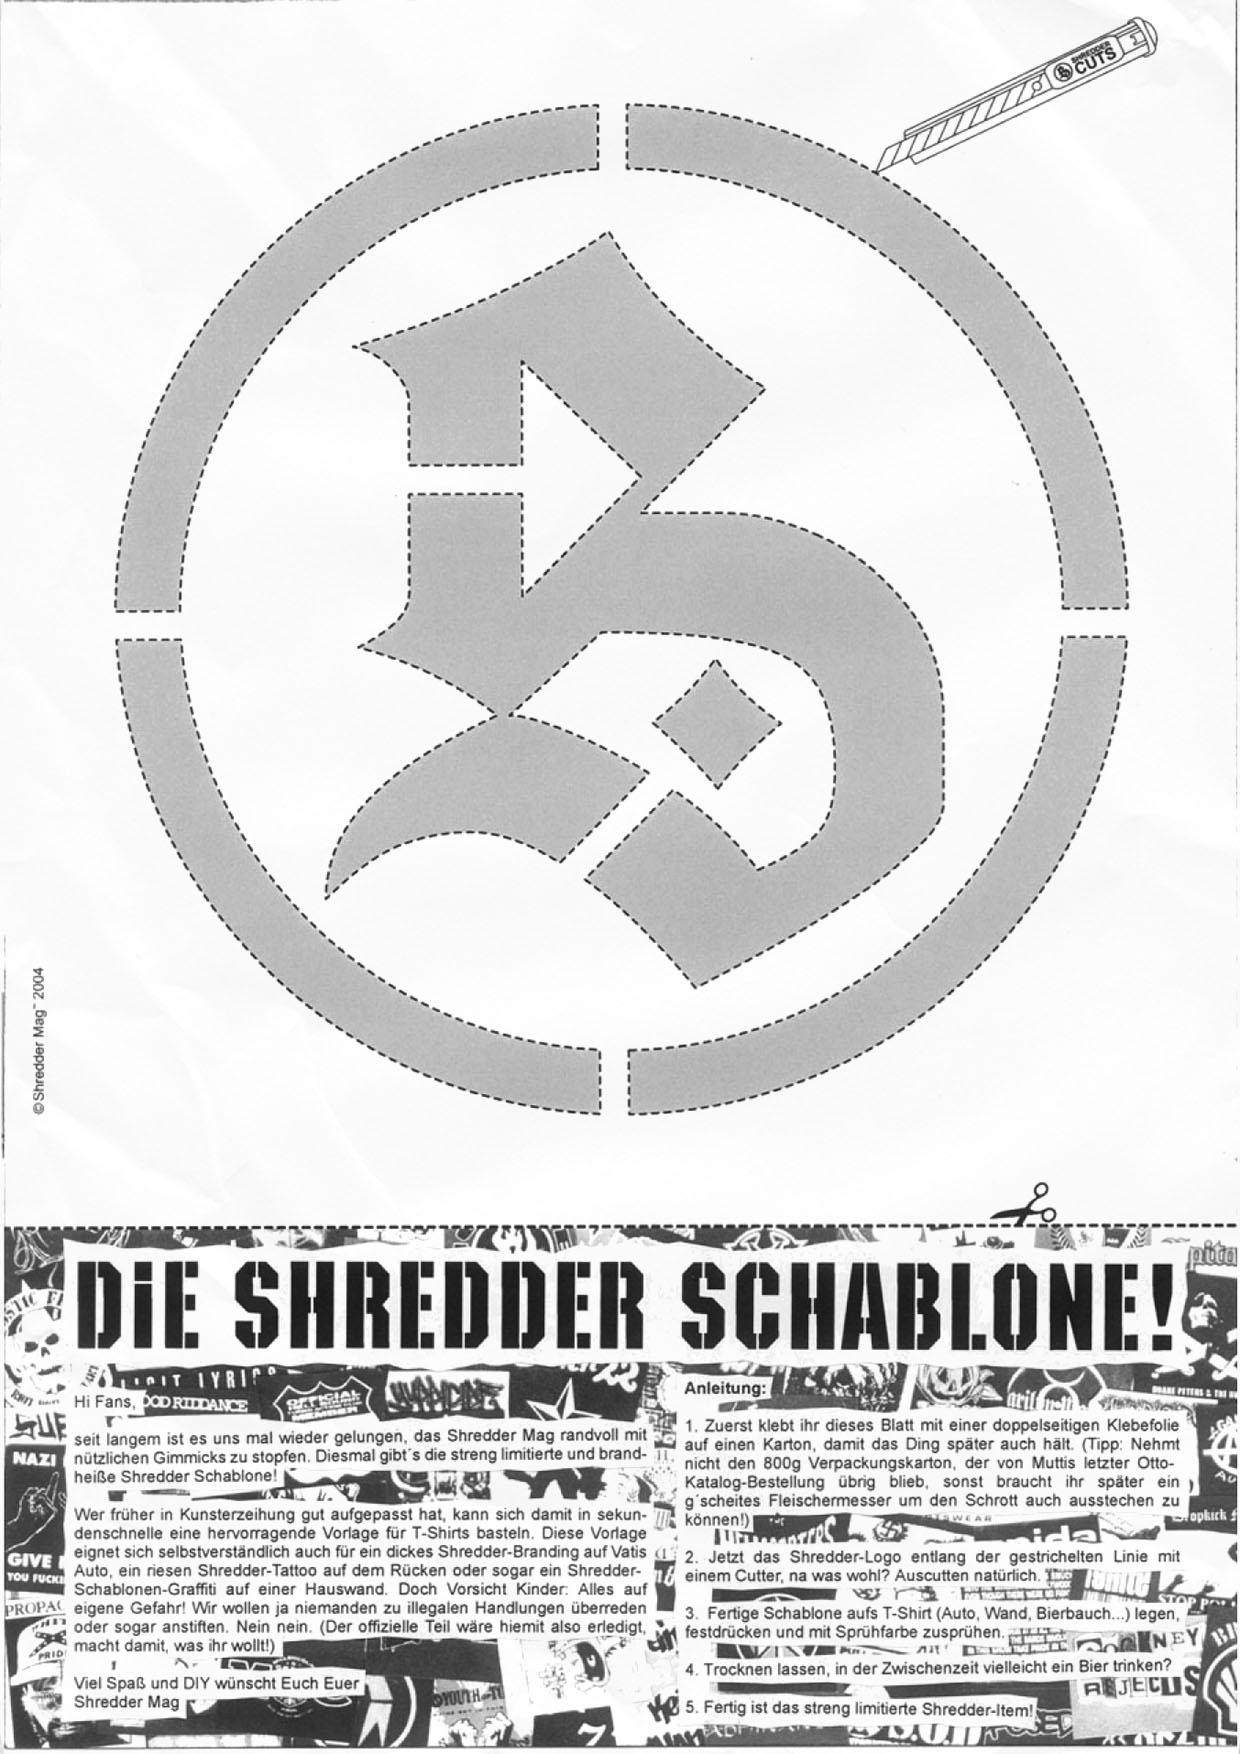 sprühschablone_shreddermag